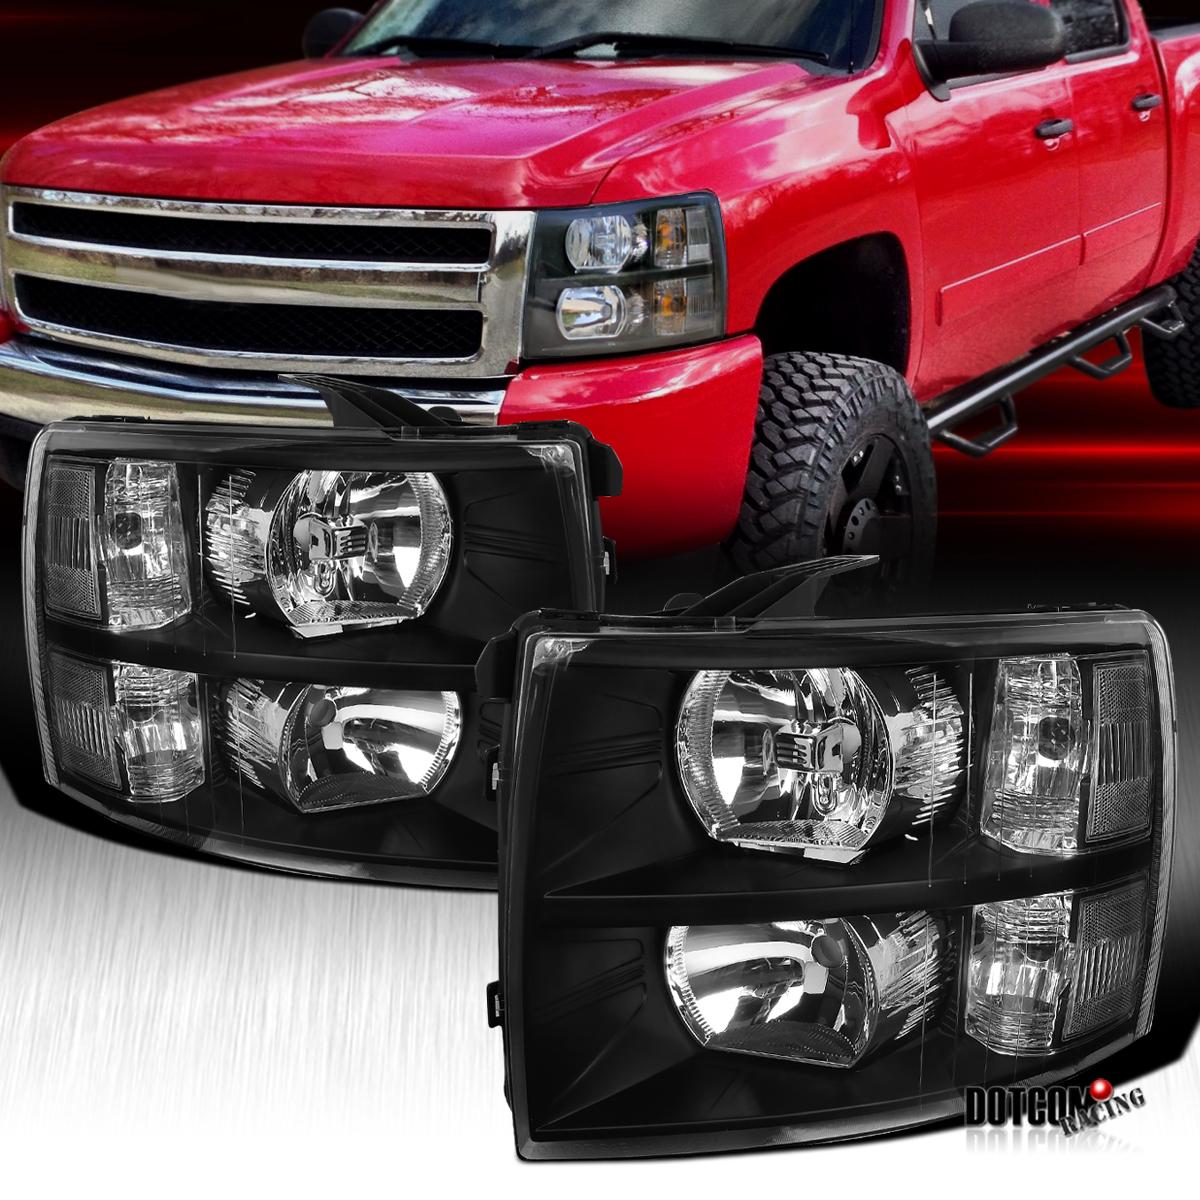 2016 Chevrolet Silverado 1500 Crew Cab Head Gasket: 07-12 CHEVY SILVERADO 1500/2500/3500HD EURO DIAMOND BLACK